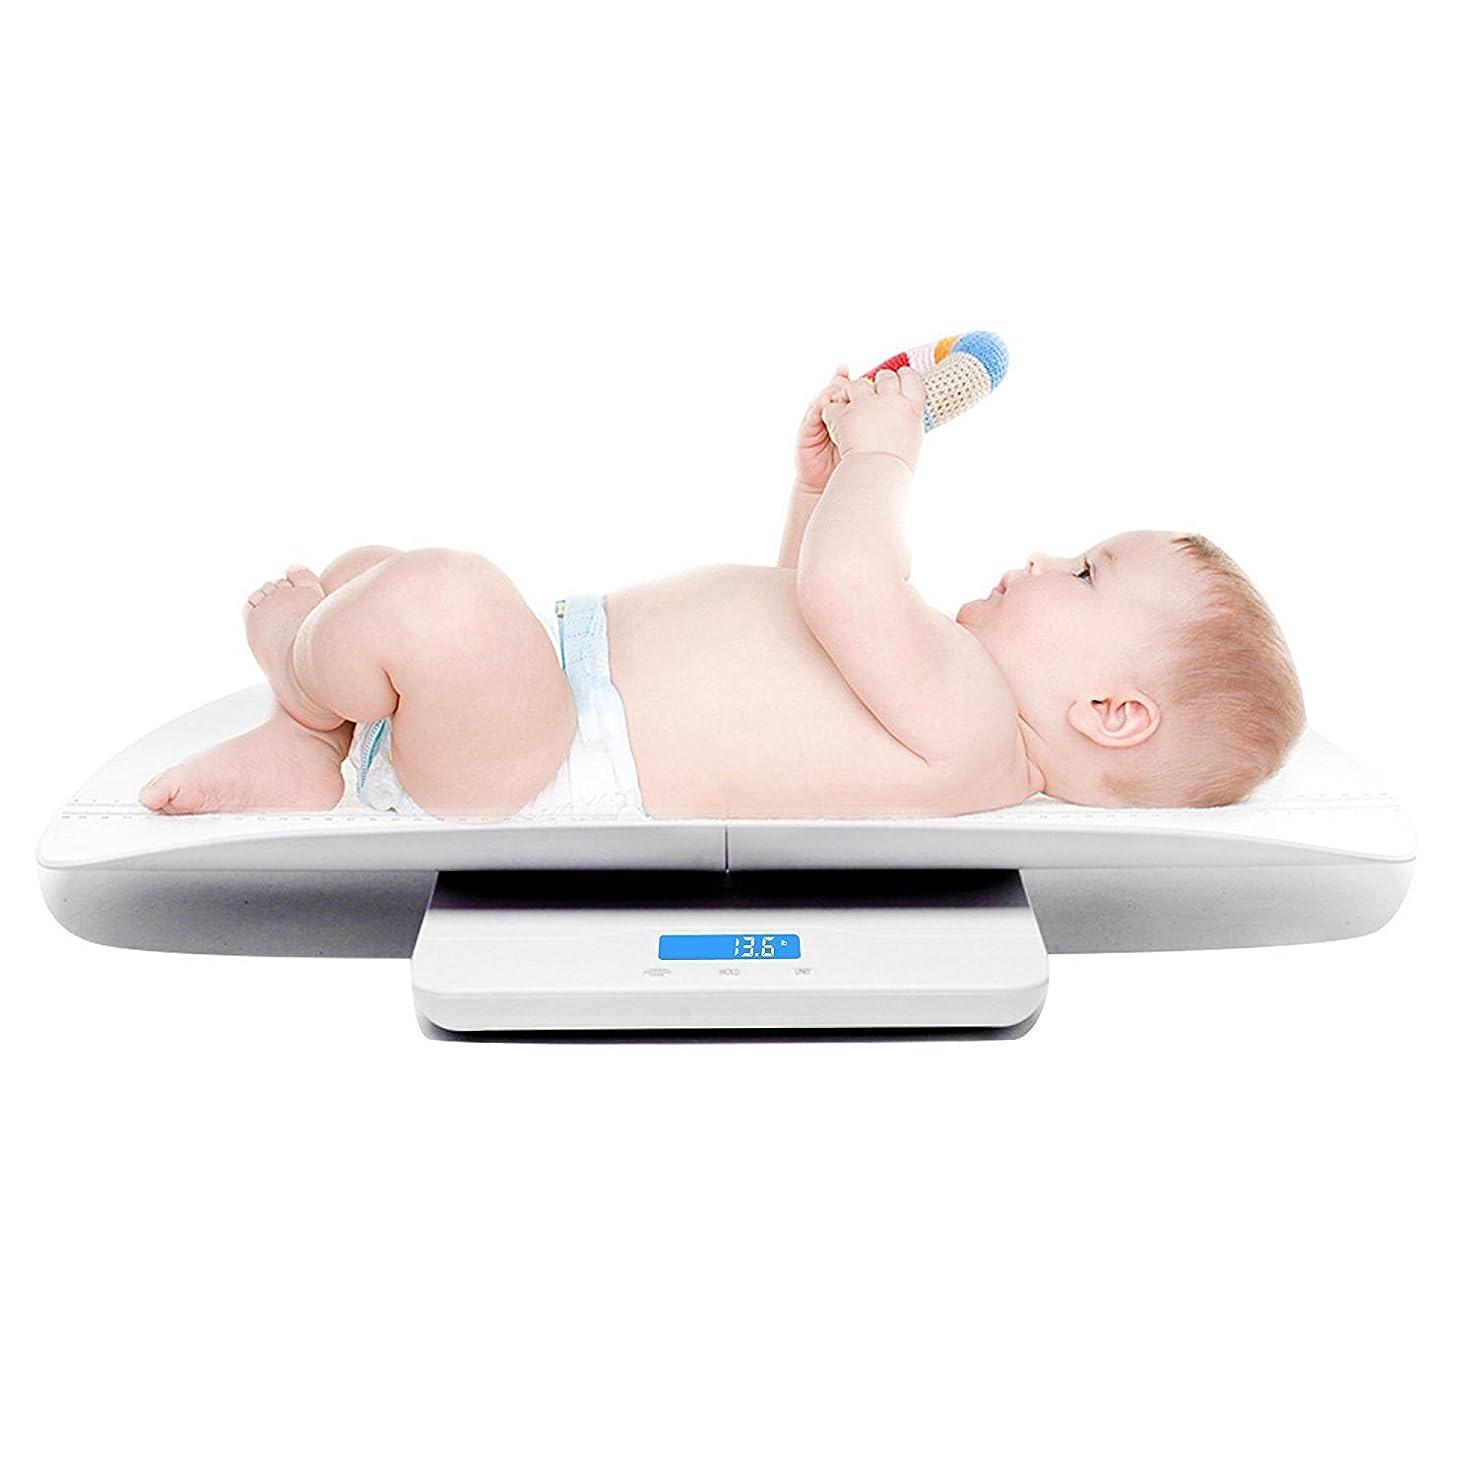 文献コイン関係ない高精度ベビースケール,新生児体重計、赤ちゃん、幼児、大人に適しています …